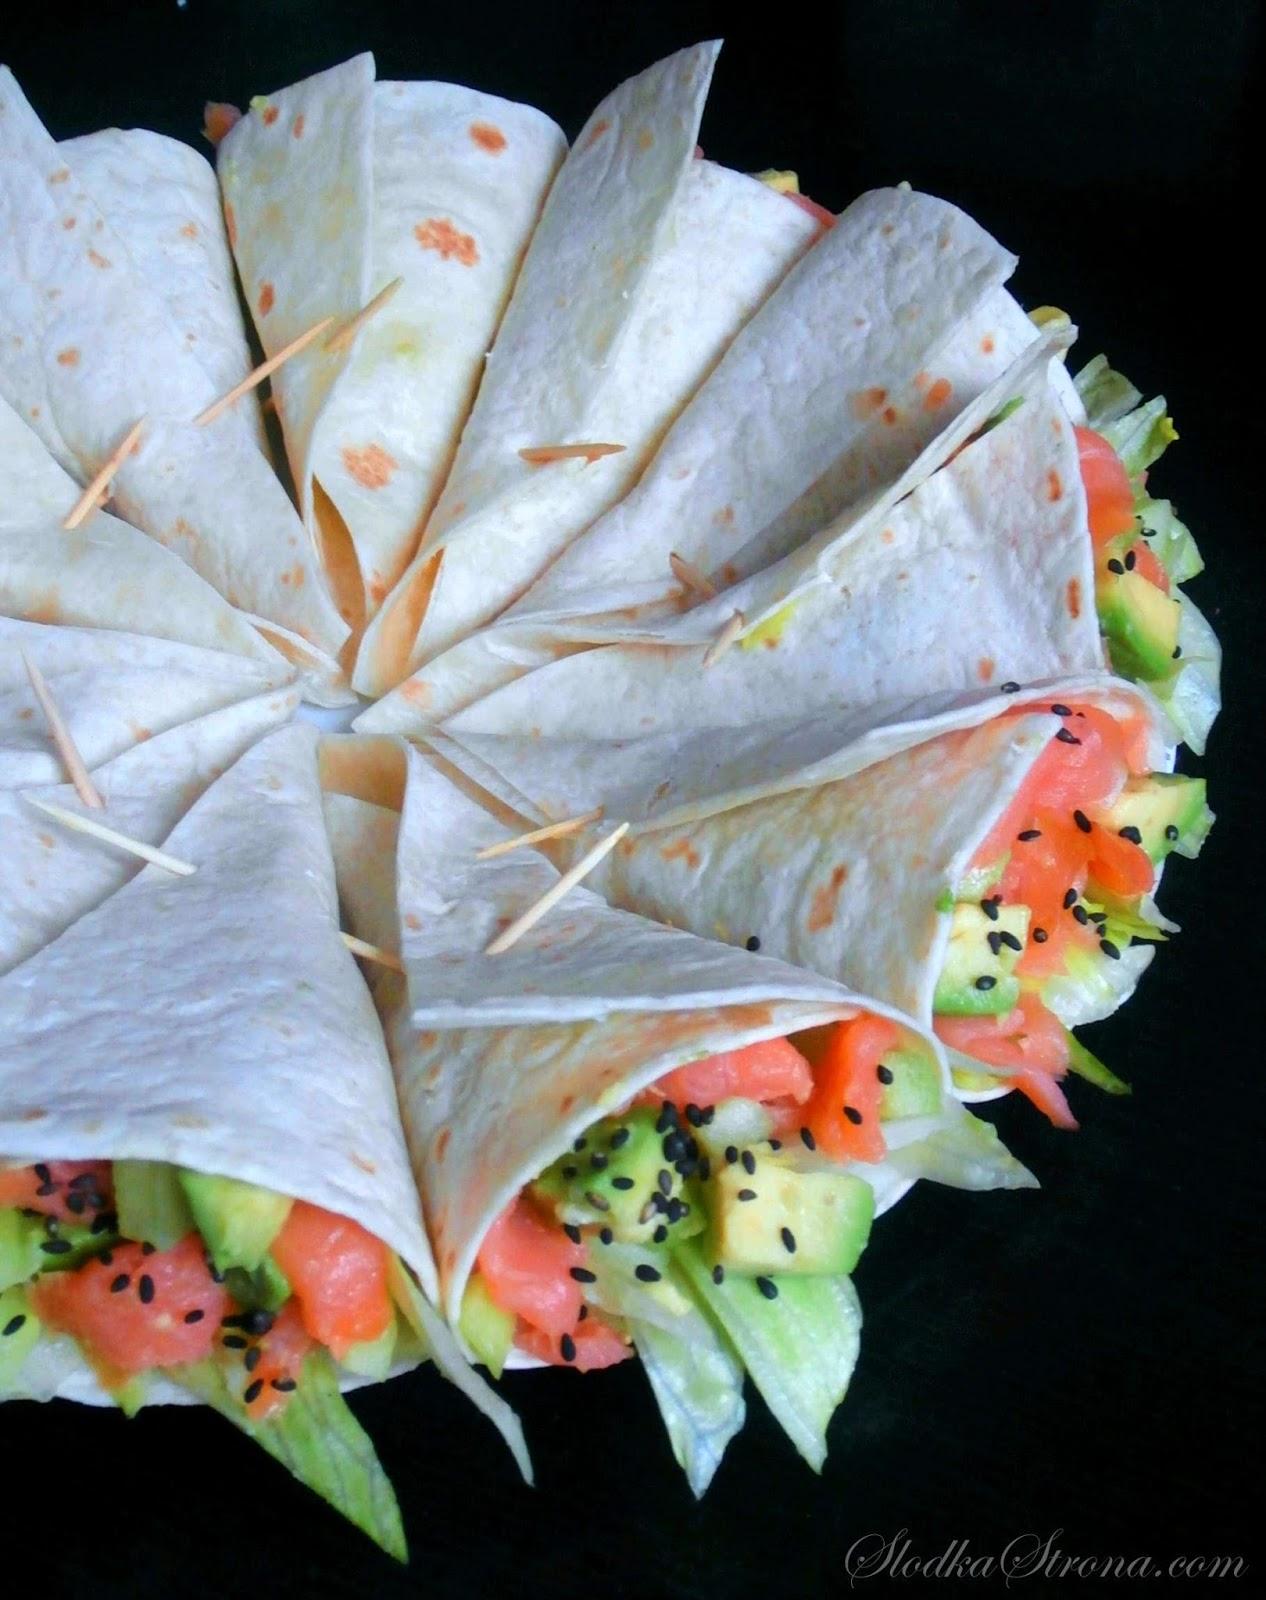 Mini Tortilla z Łososiem Wędzonym i Awokado - Przepis - Słodka Strona